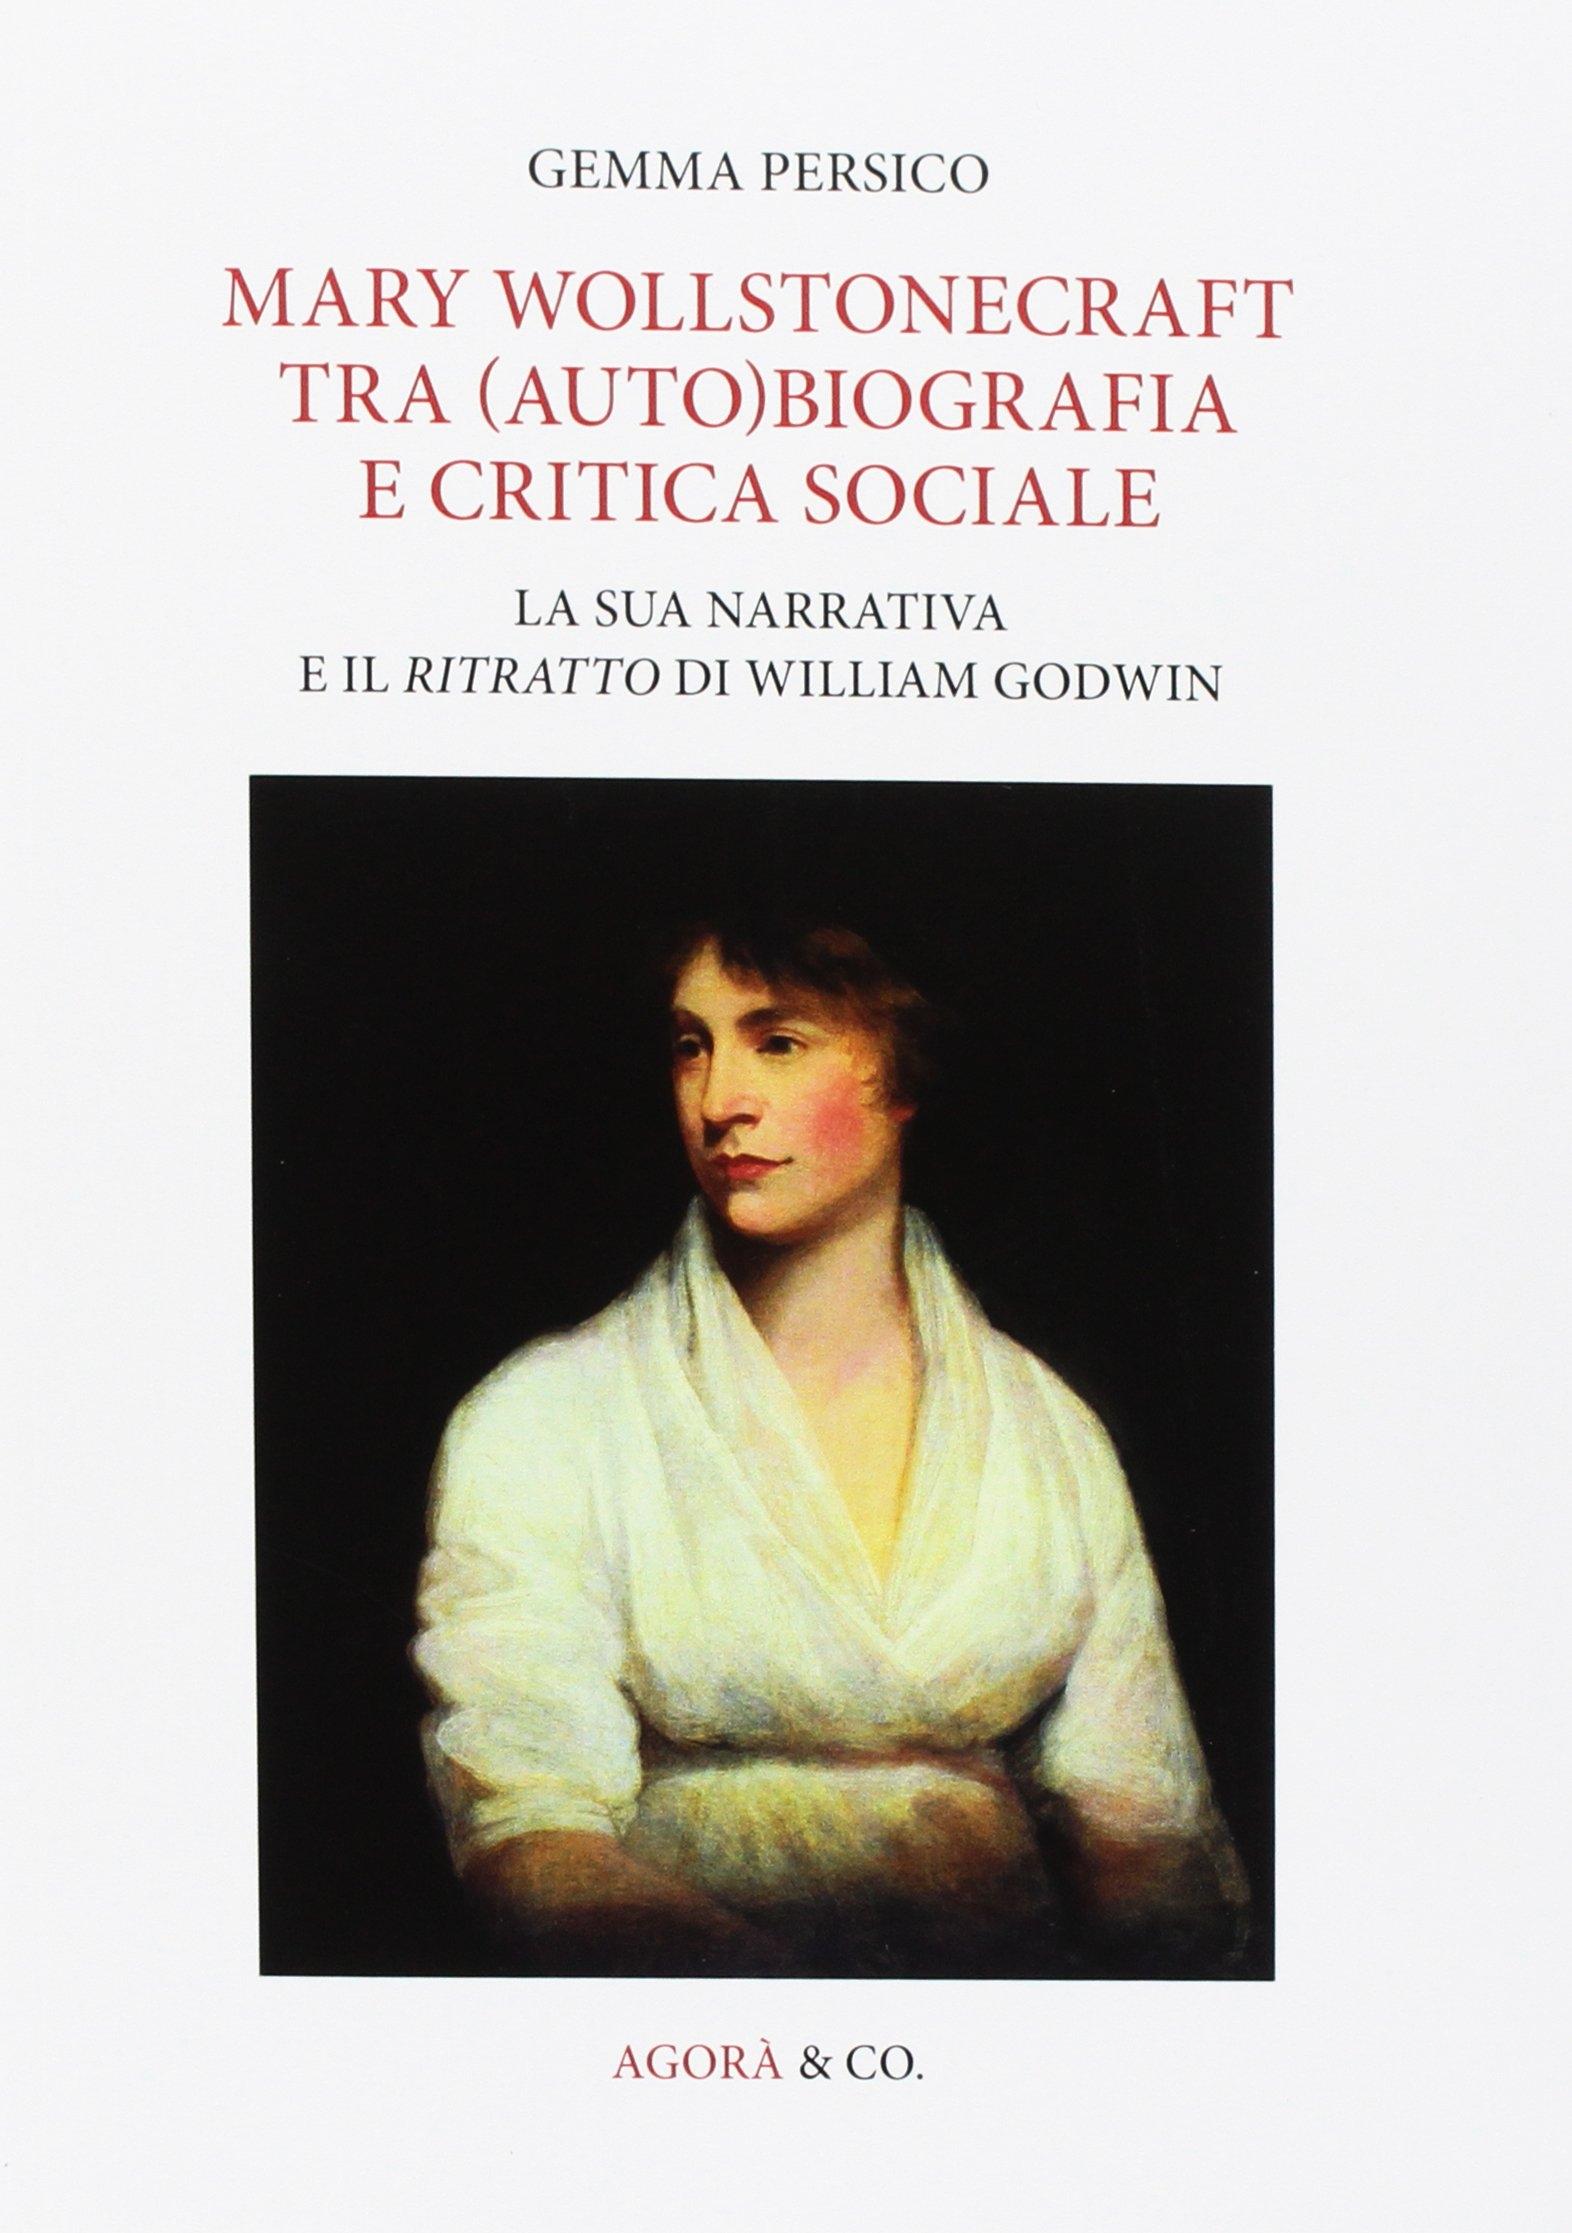 Mary Wollstonecraft tra (auto)biografia e critica sociale. La sua narrativa e il ritratto di William Godwin. Ediz. multilingue